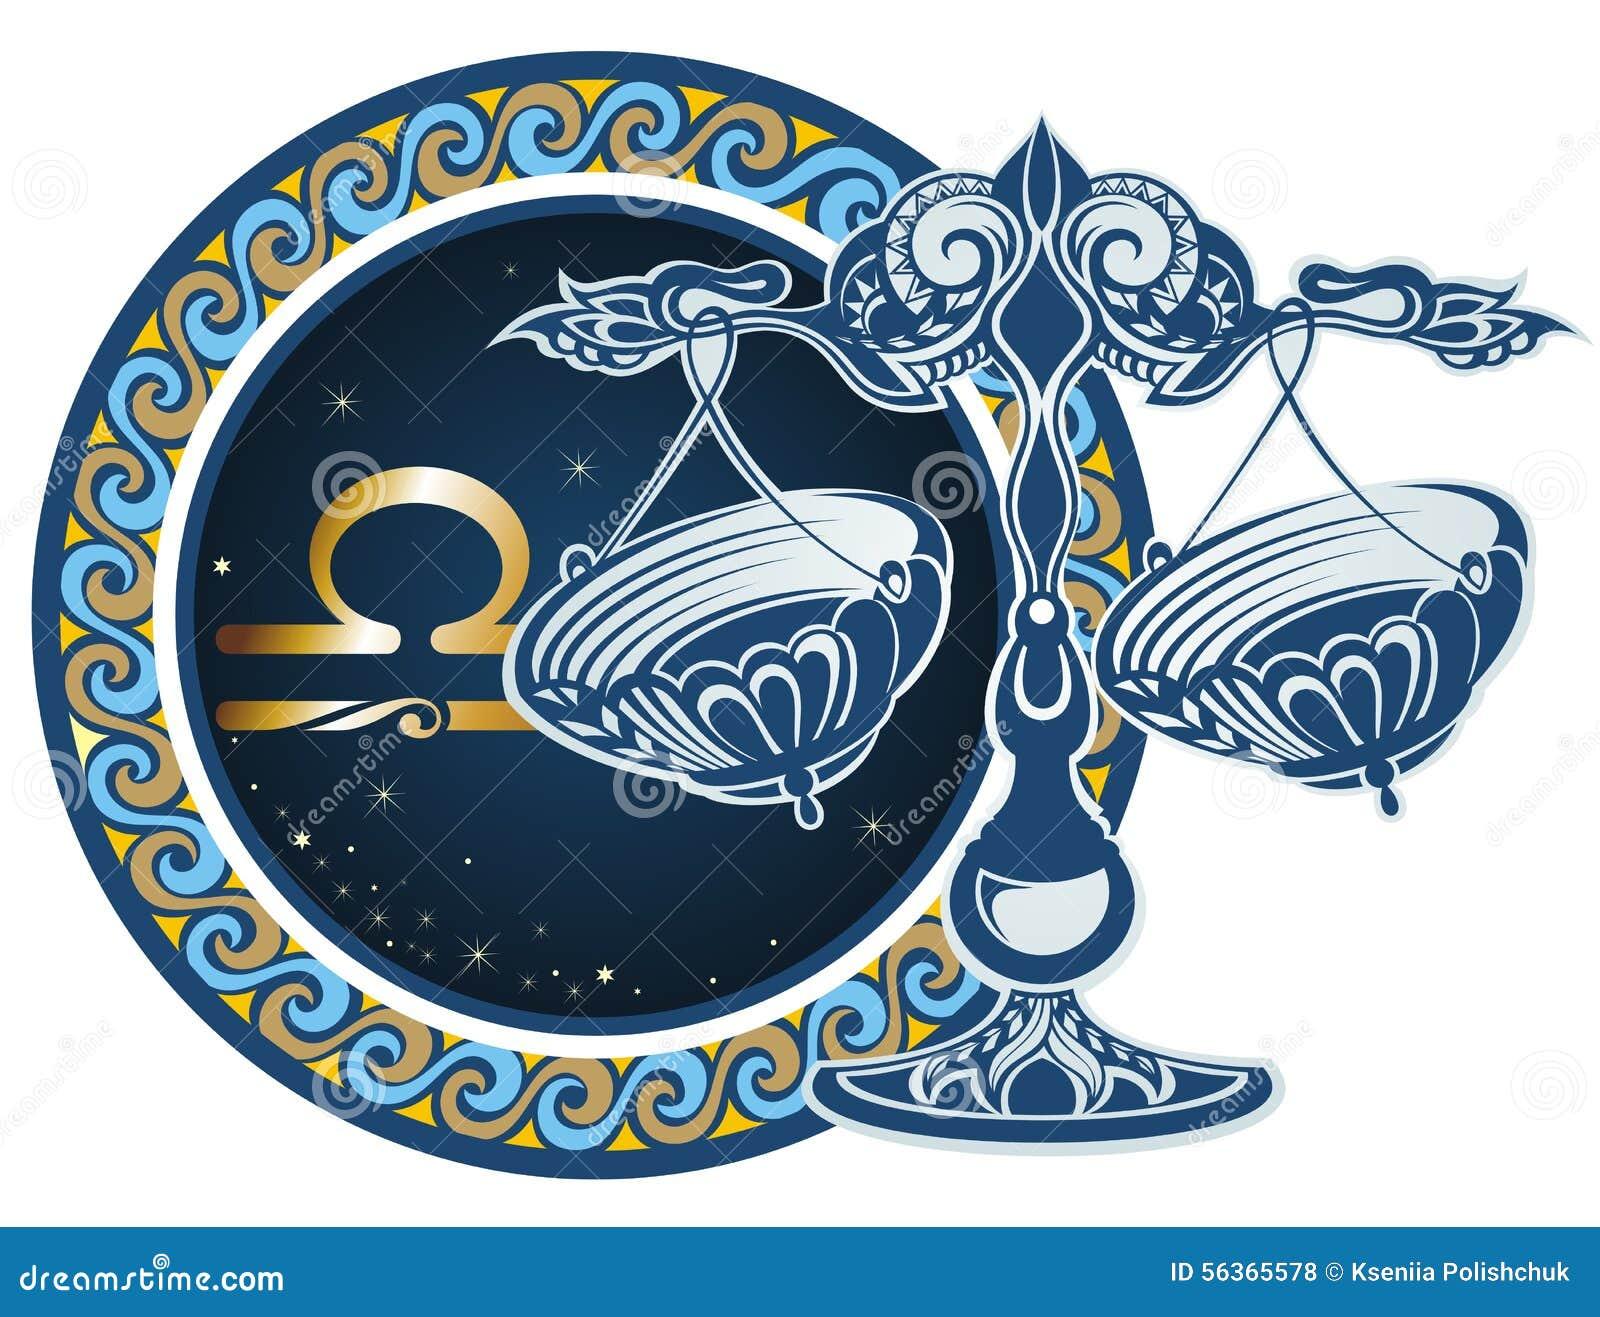 Libraen undertecknar zodiac